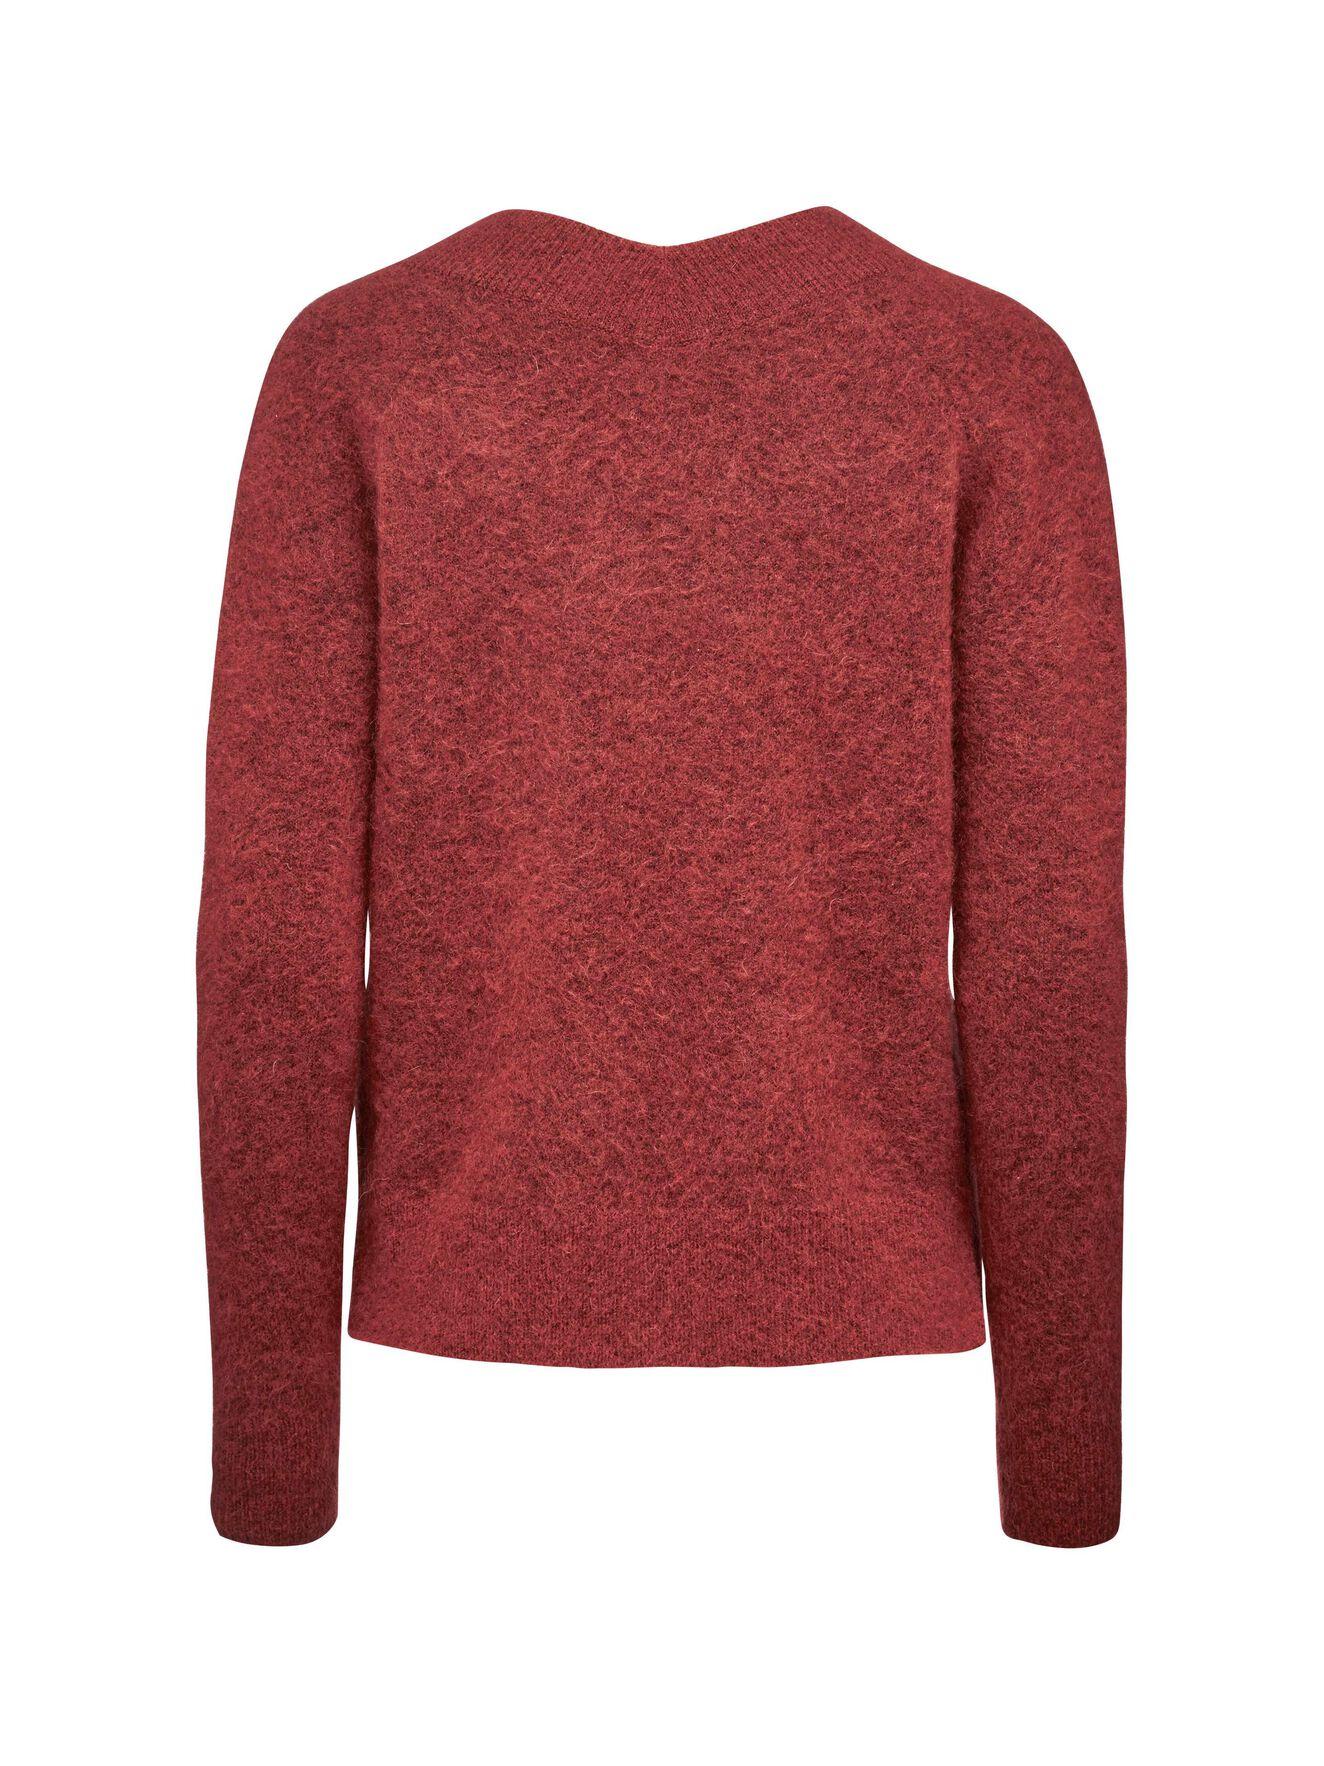 size 40 d05d8 04452 Maiya Pullover - Damen Online kaufen